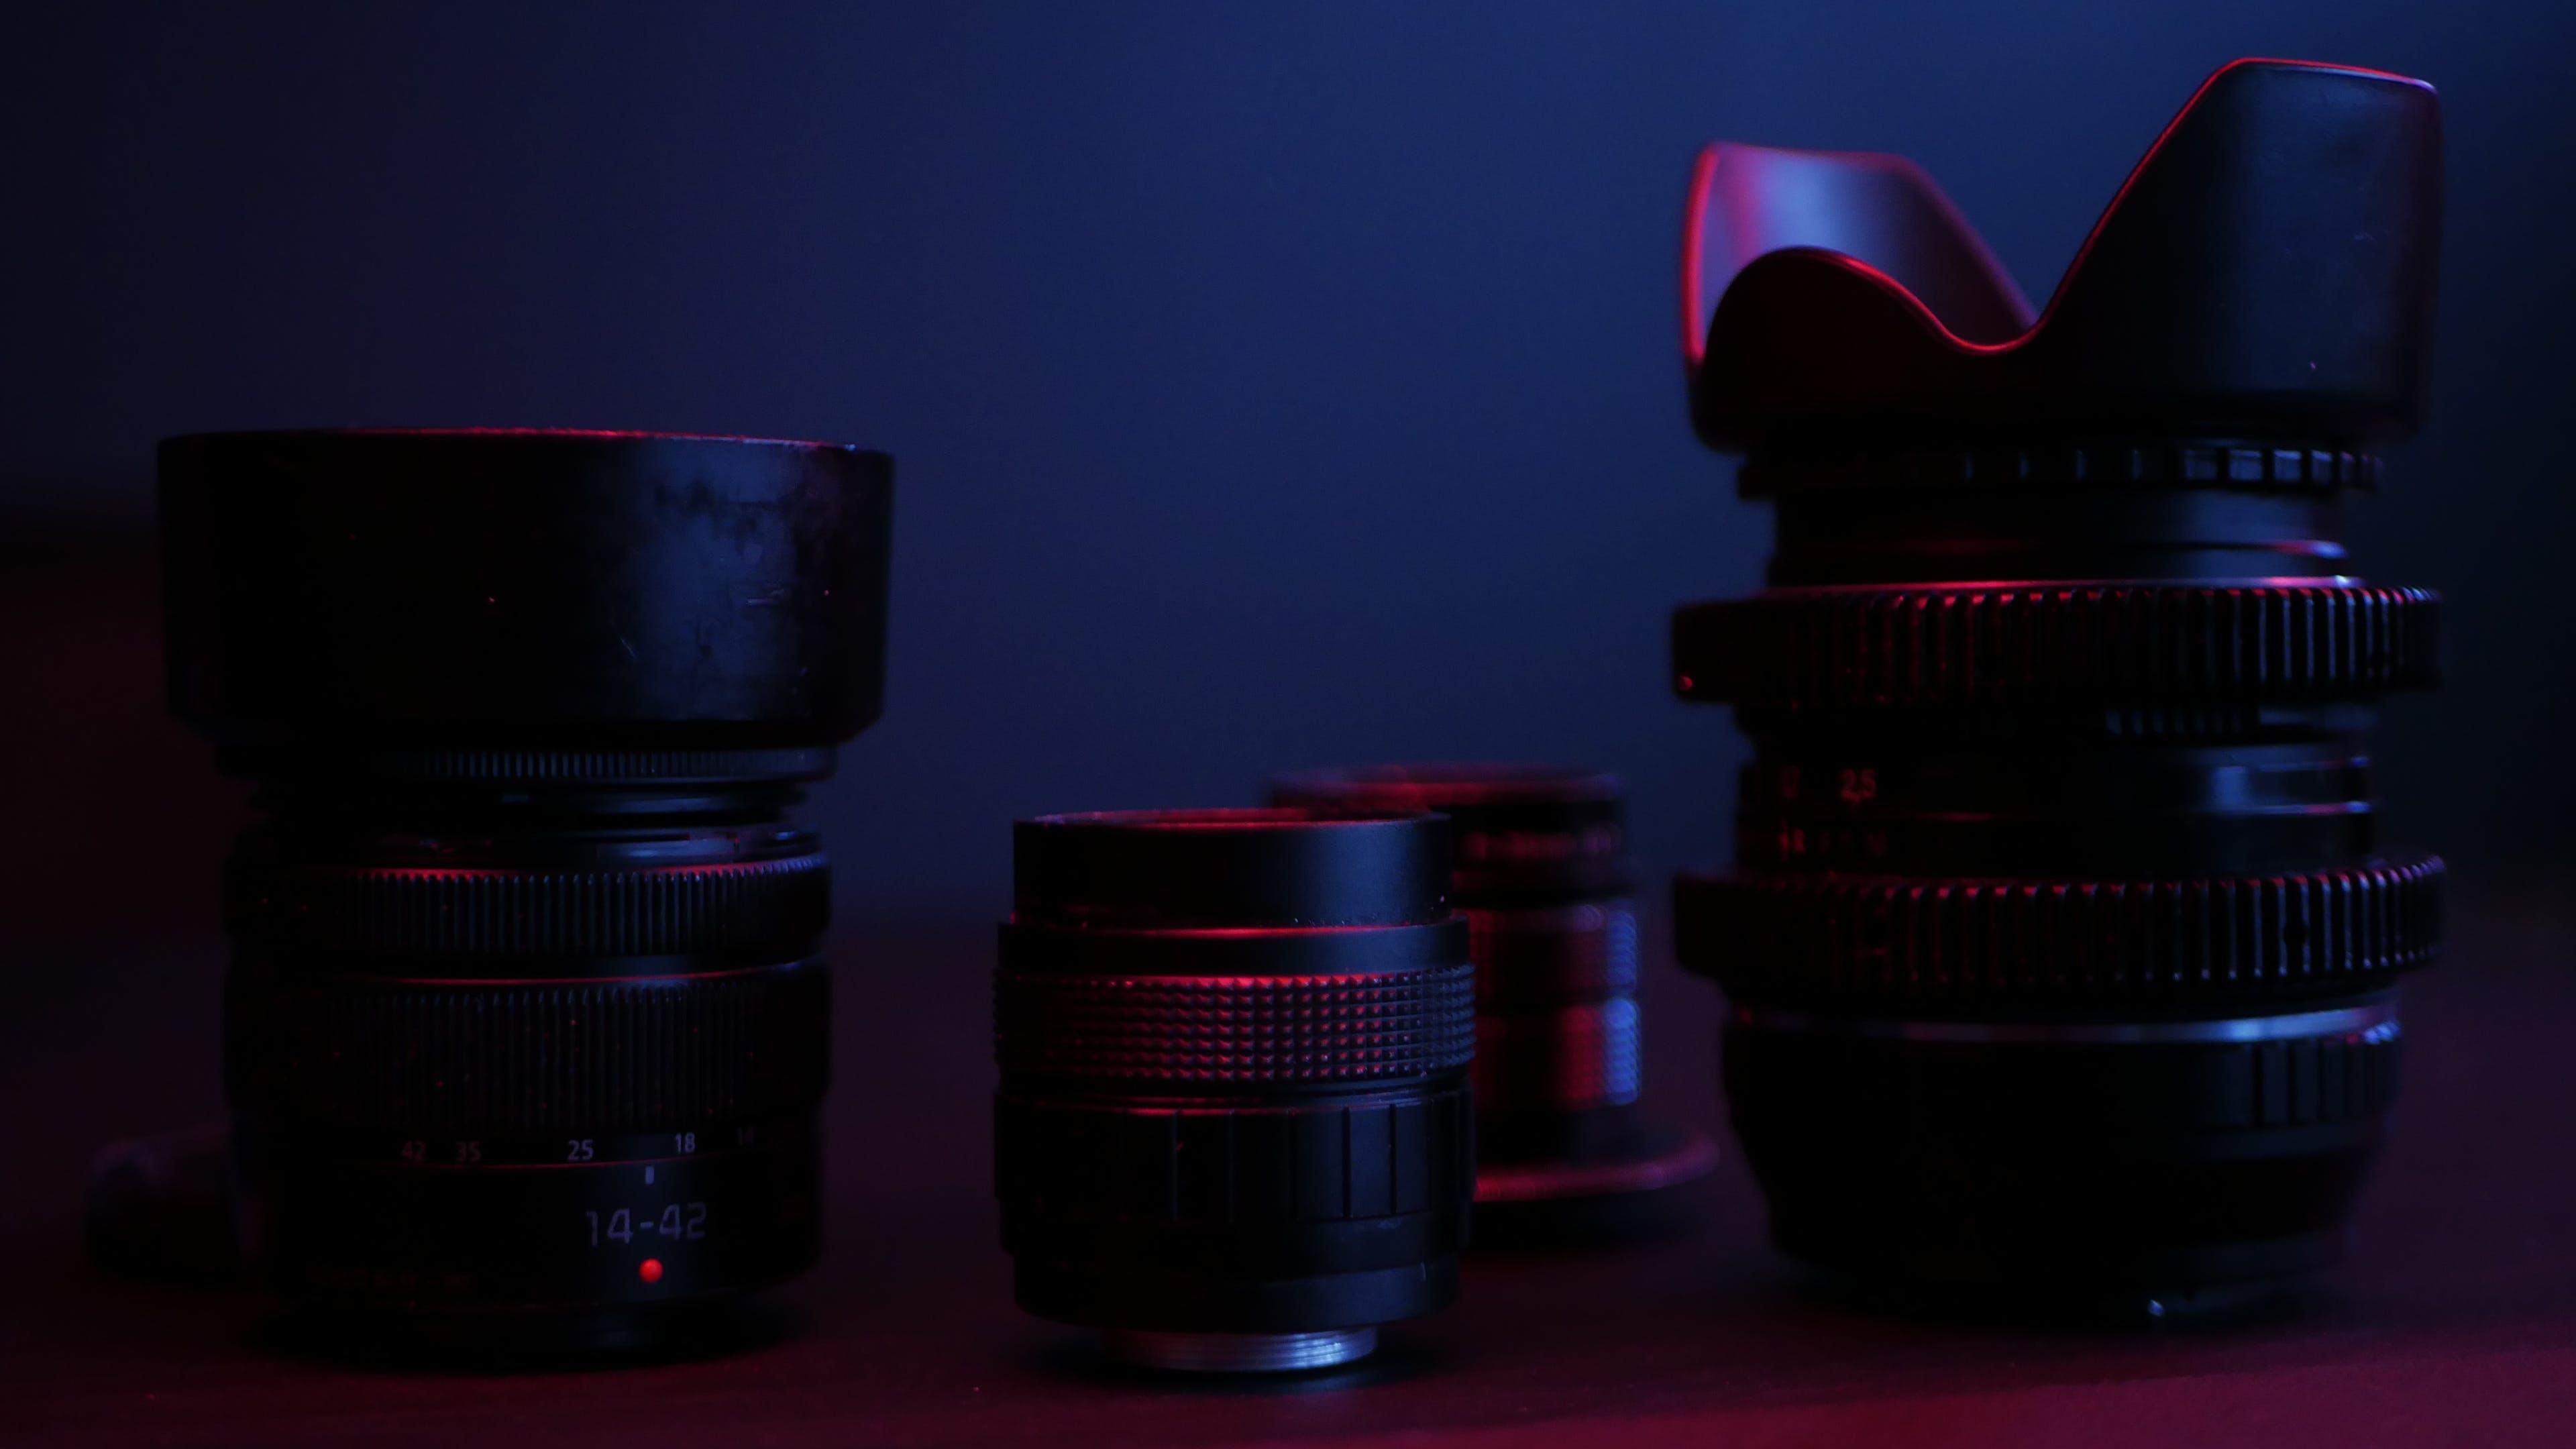 Fotos de stock gratuitas de equipo, lente, objetivo fotográfico